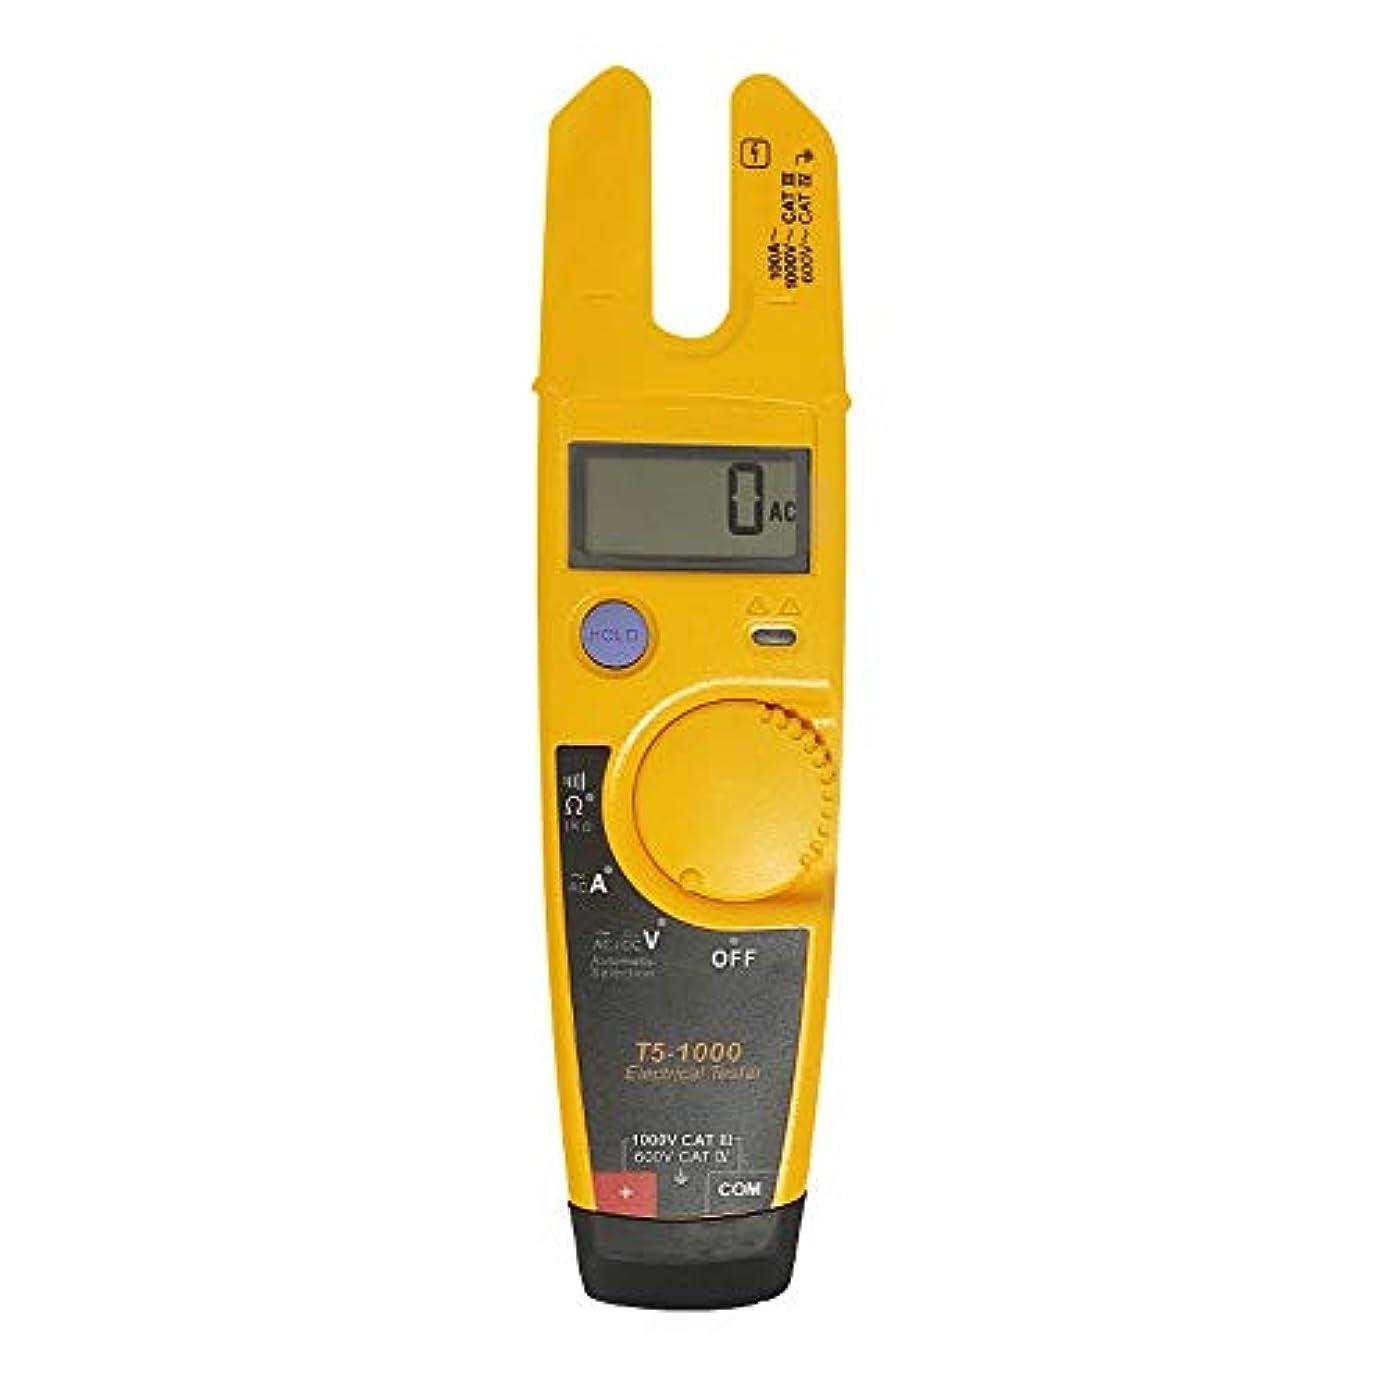 値するビルダーシャワーZHQJP Labloot ソフトケース付き T5-600 クランプメーター 電圧 連続電流 クランプメーター